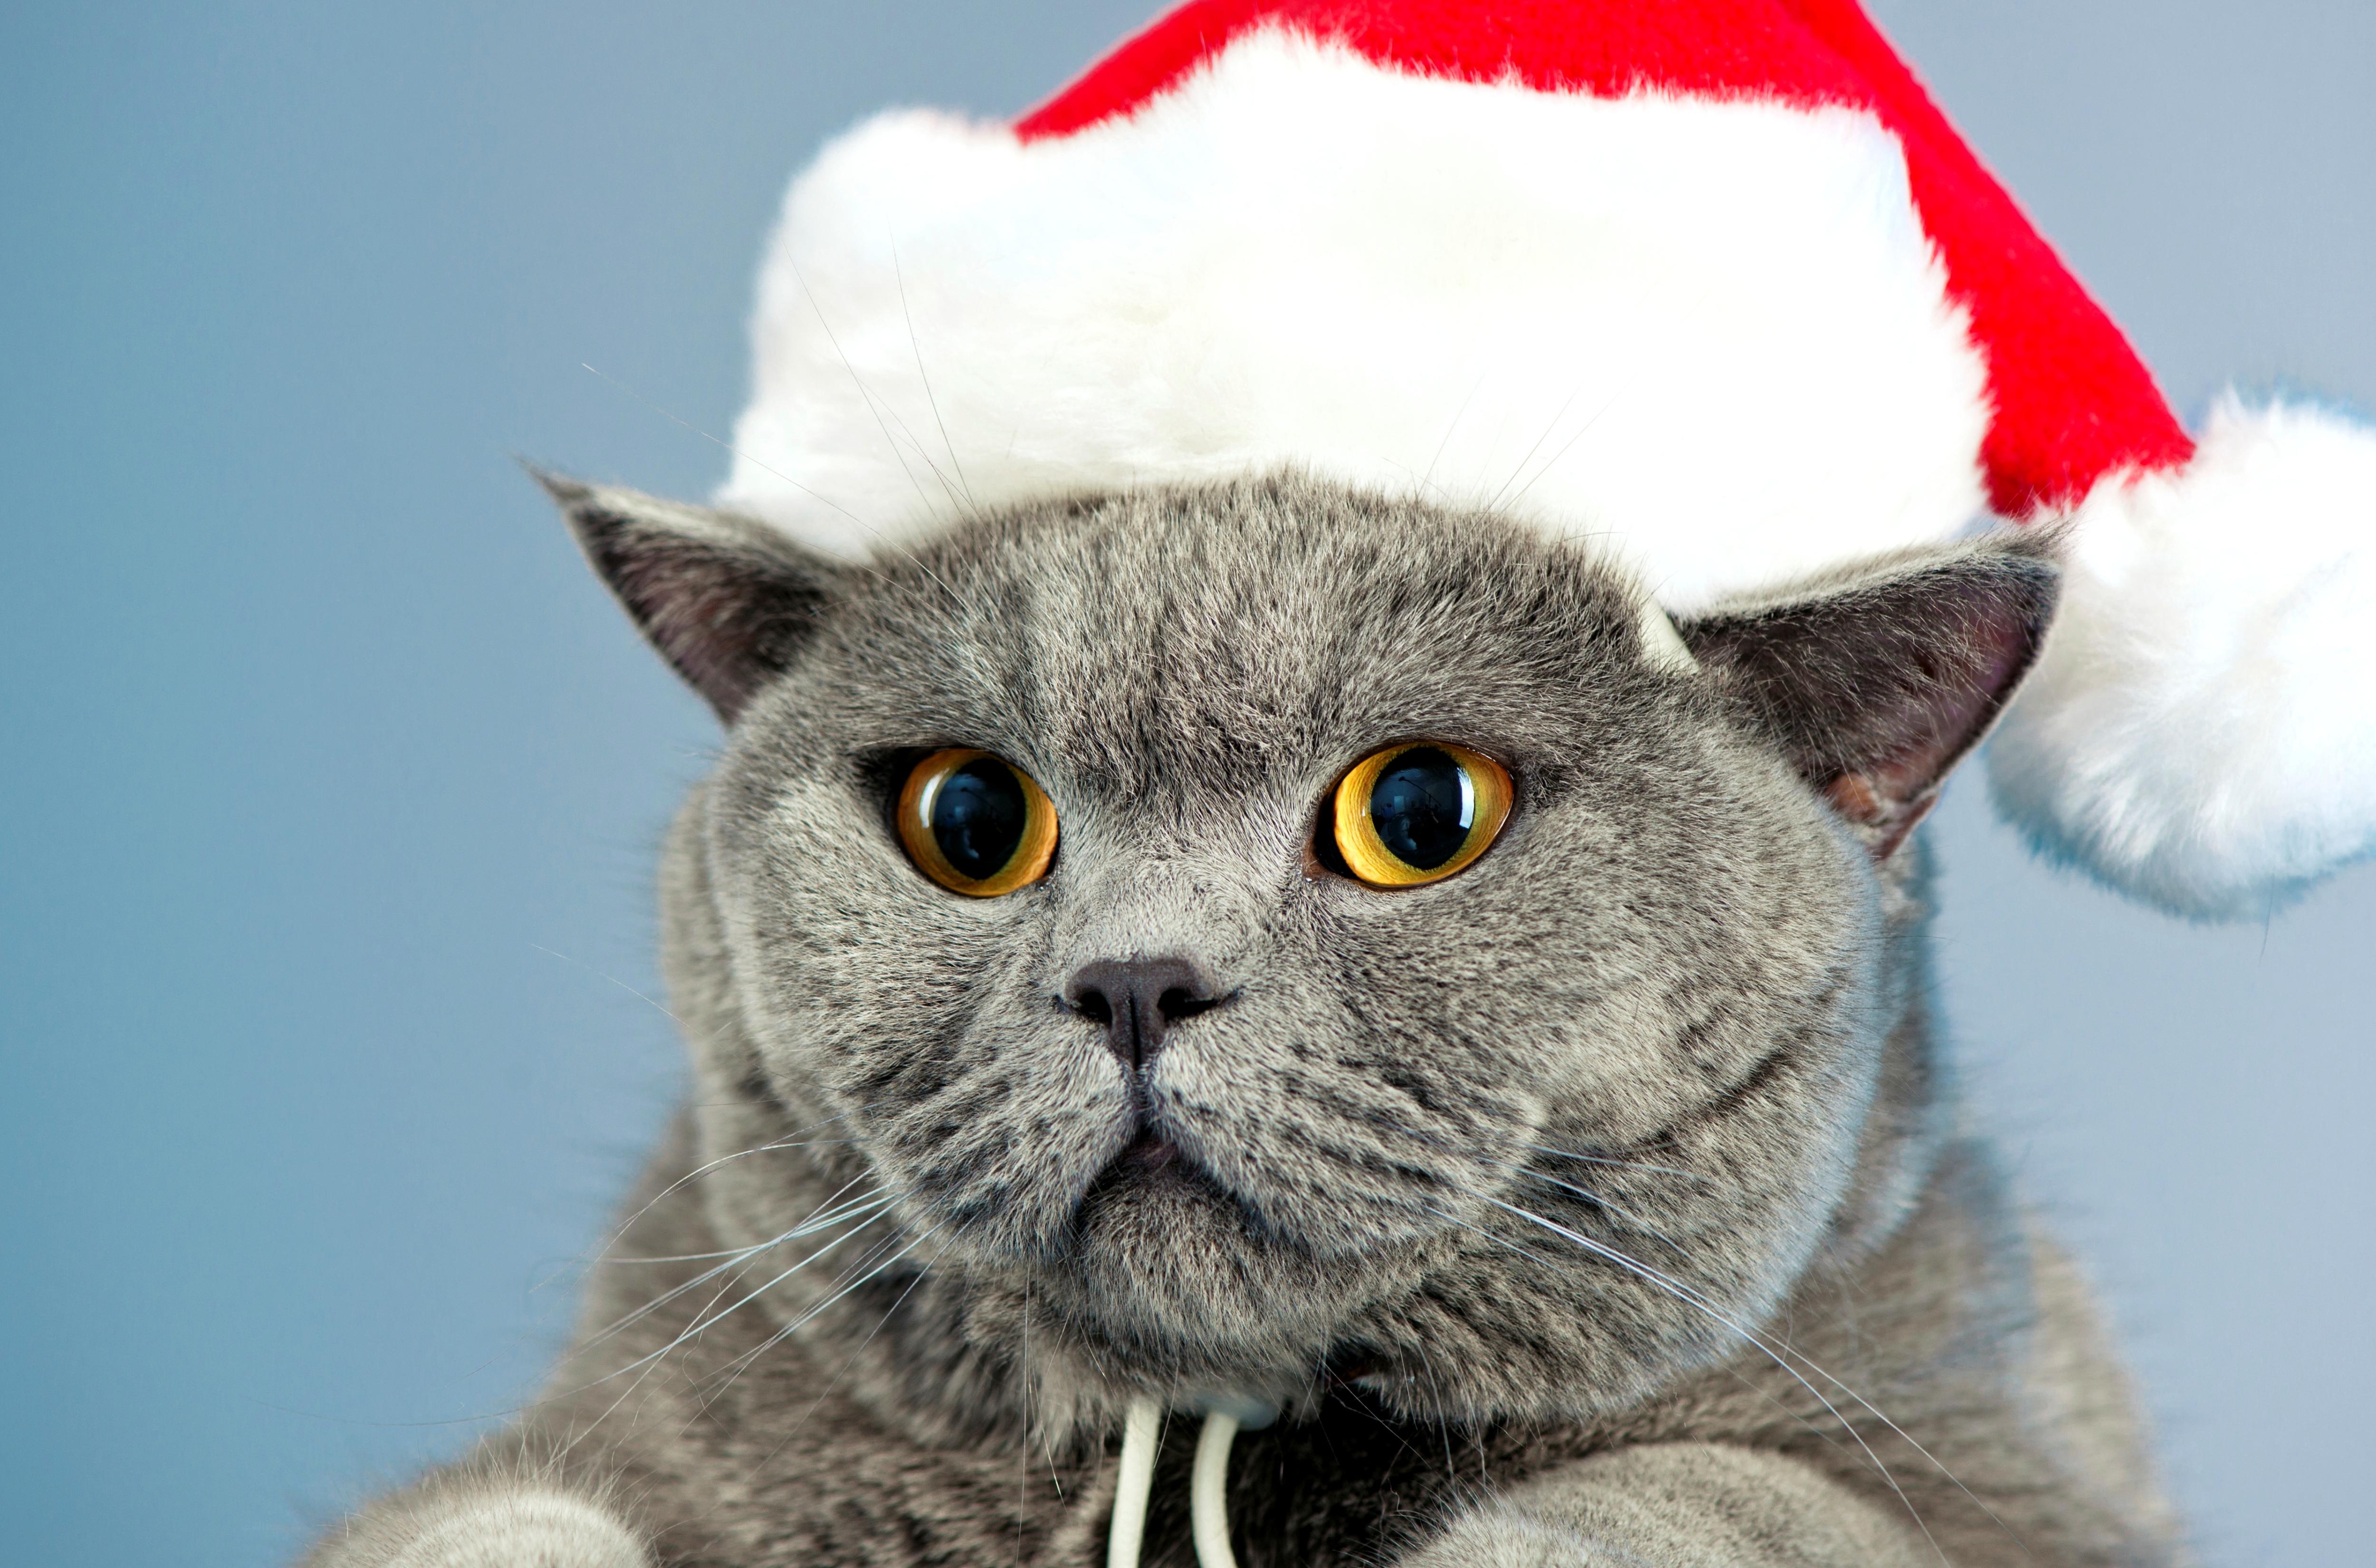 фото котиков в шапочках новогодних хозяйства горлиц